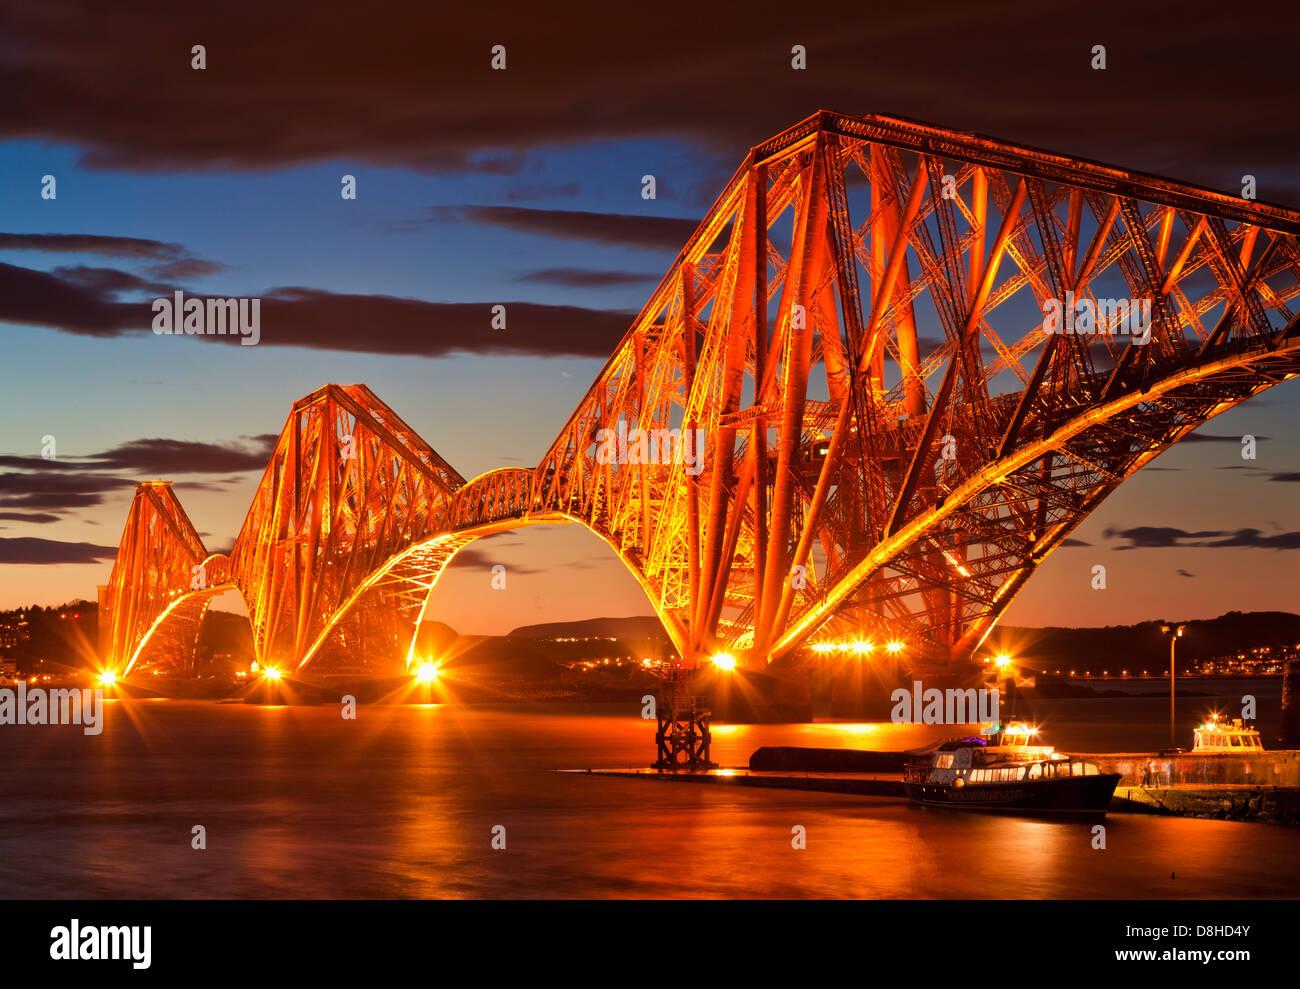 Puente ferroviario de Forth iluminada por la noche South Queensferry Midlothian Edimburgo Scotland Reino Unido GB Imagen De Stock